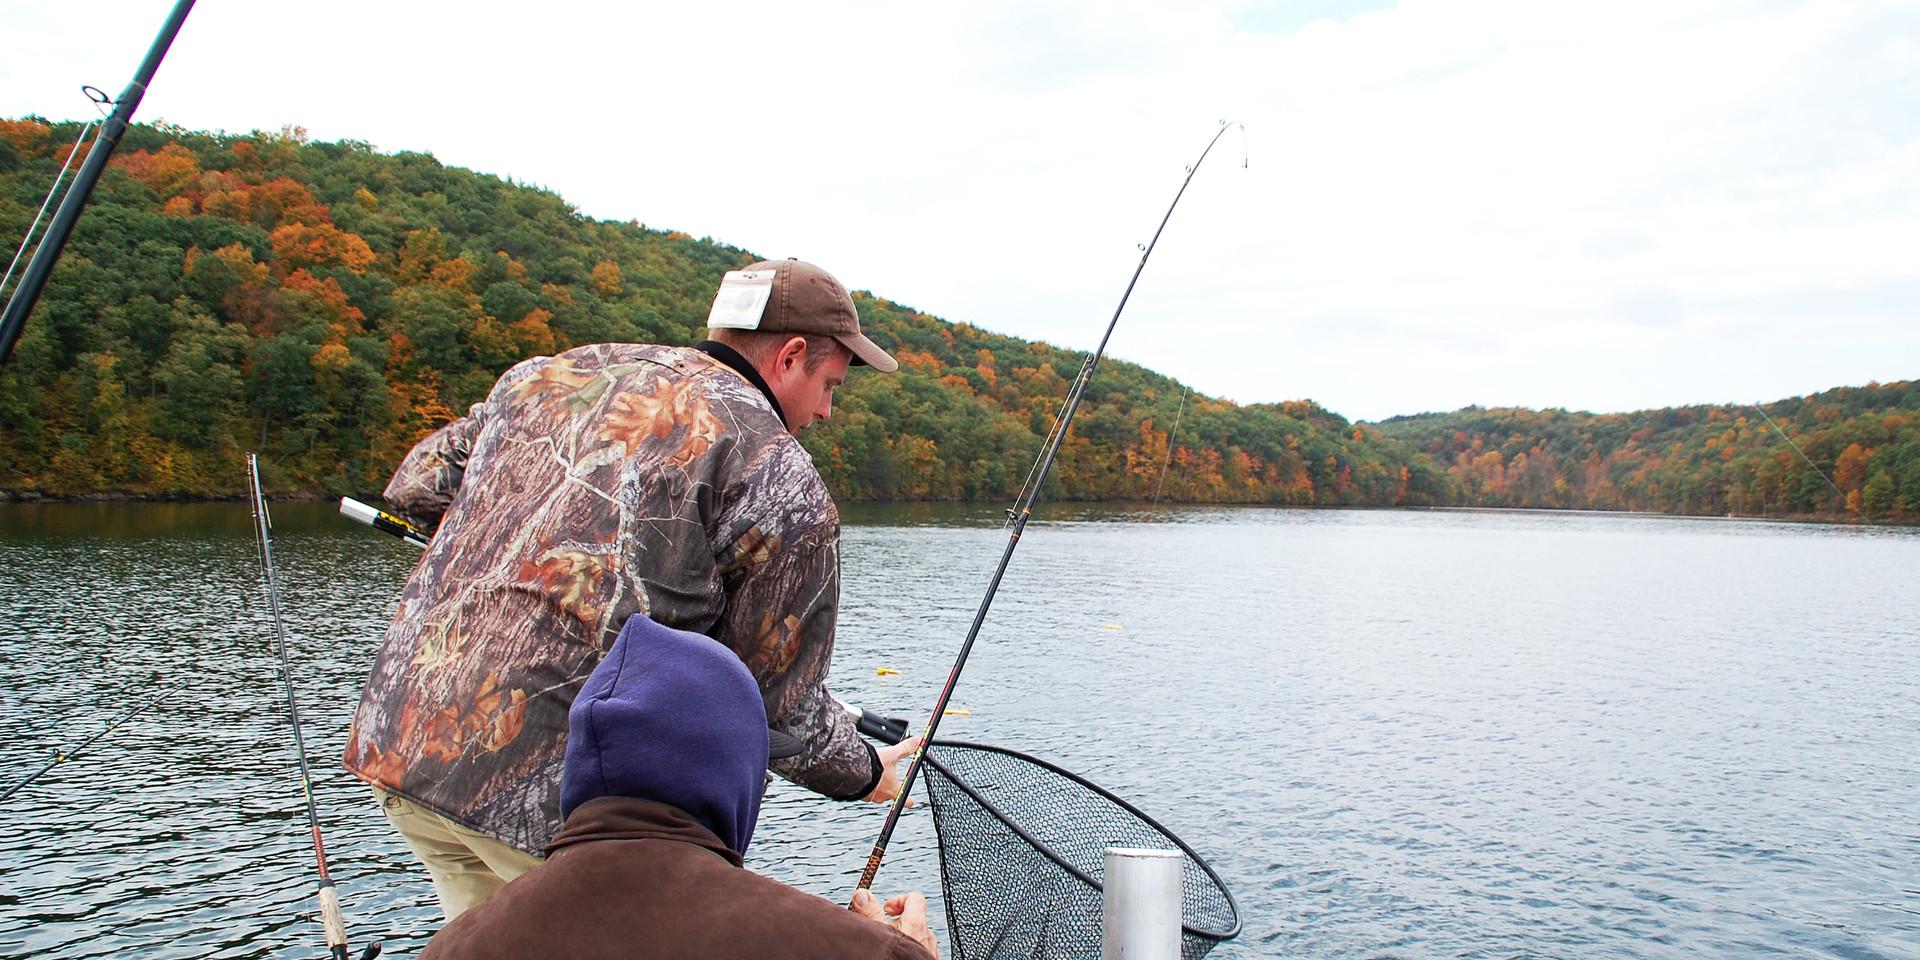 Lake fishing